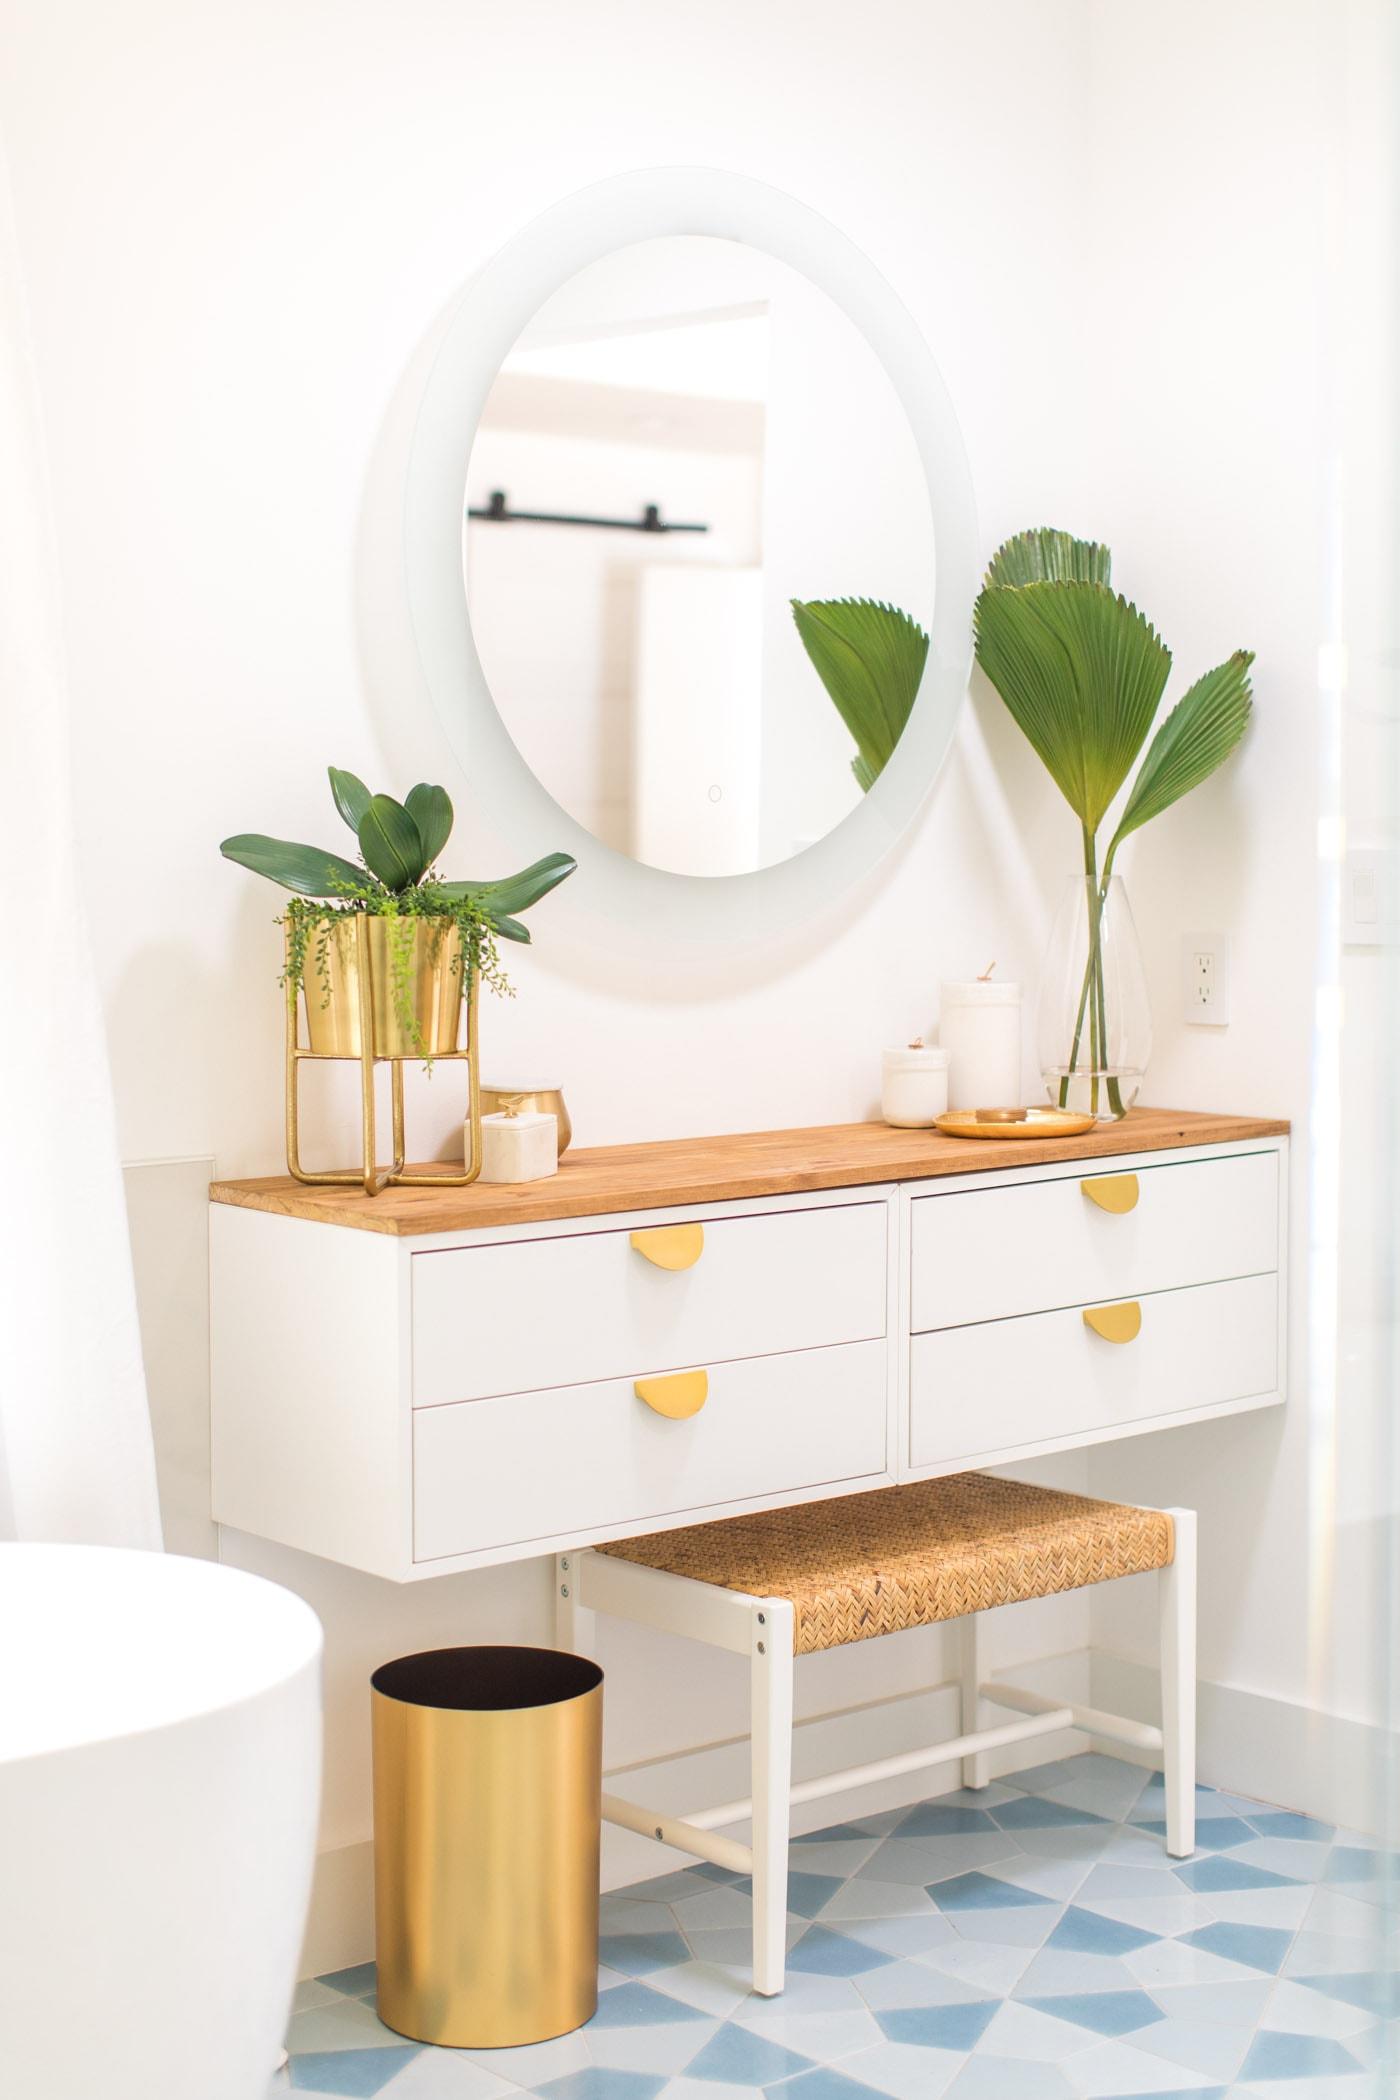 photos of a DIY bathroom vanity